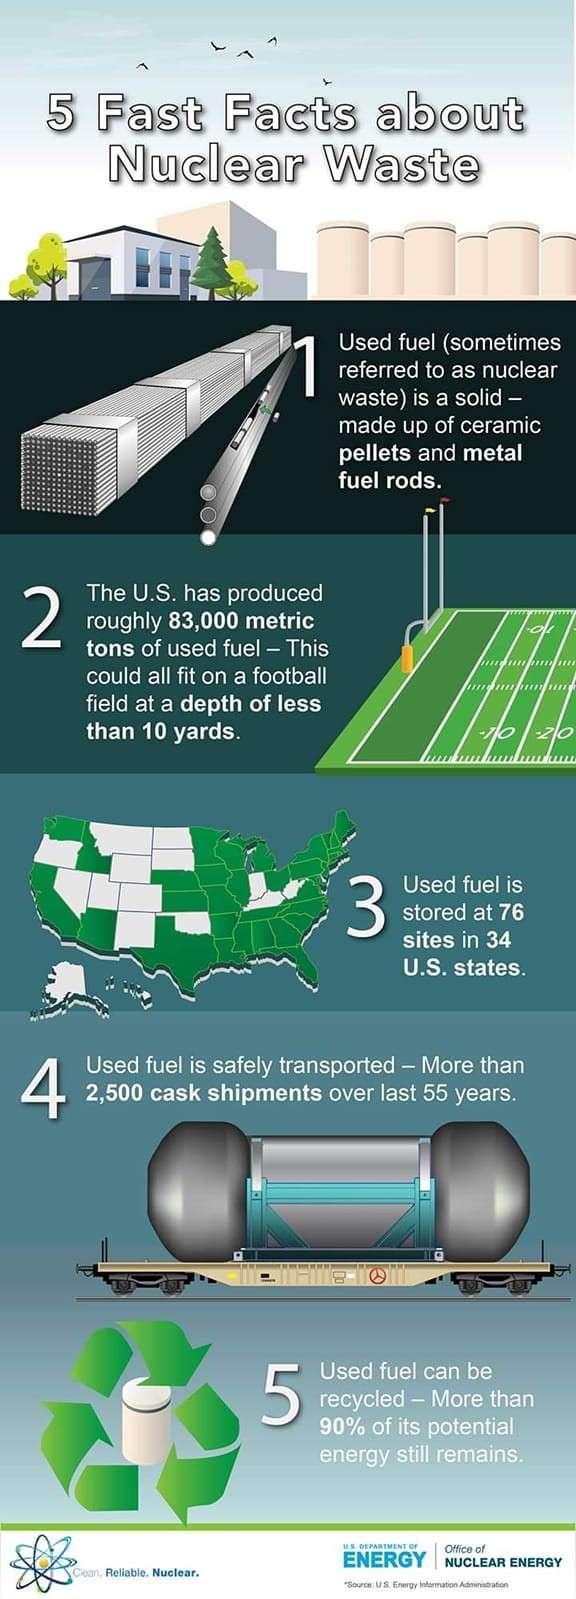 關於核廢料的五種常識。(林琬寧提供/取自美國能源局)